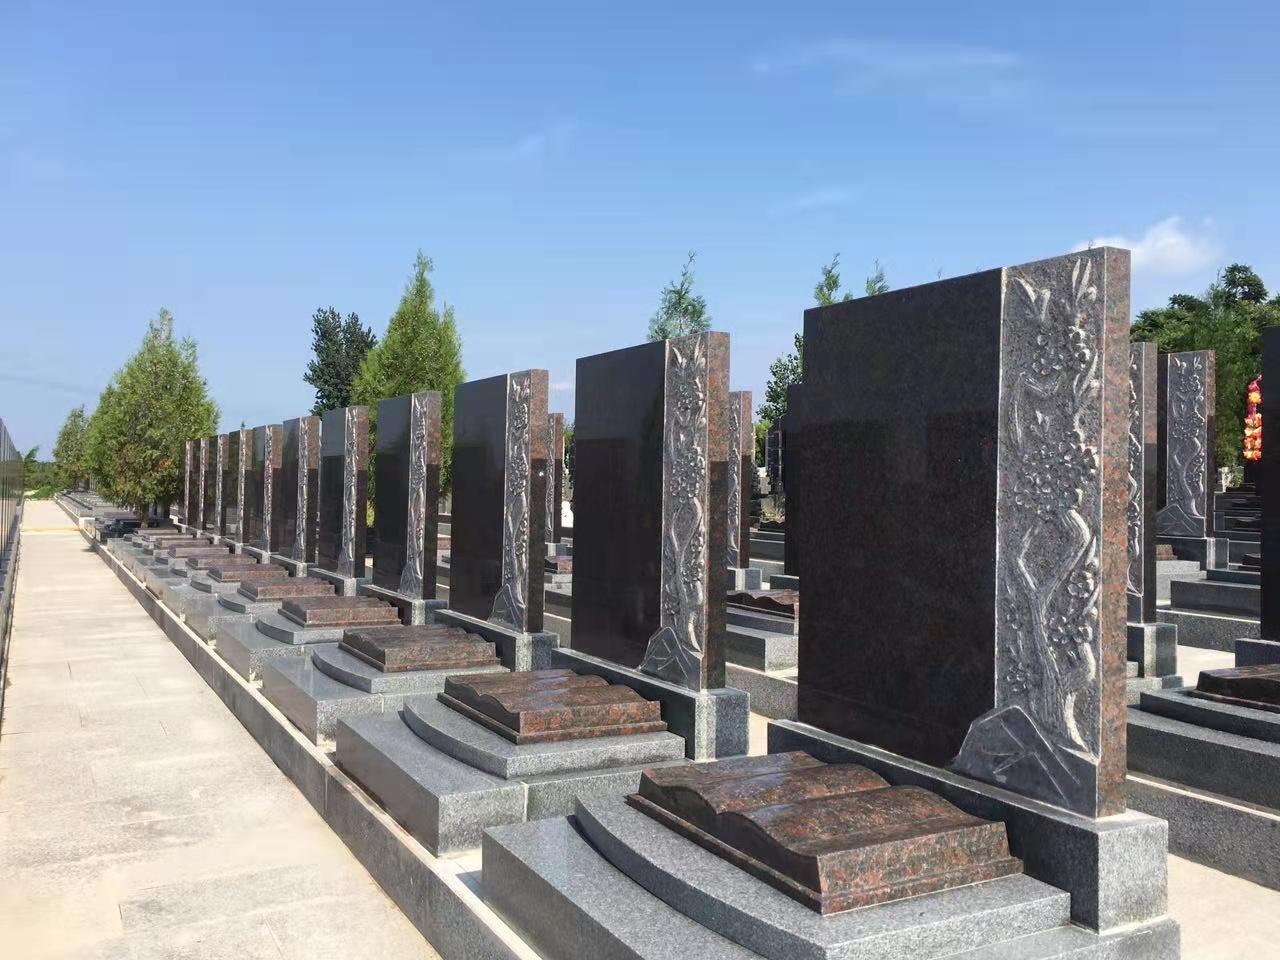 京南万佛园讲解如何正确选择墓地